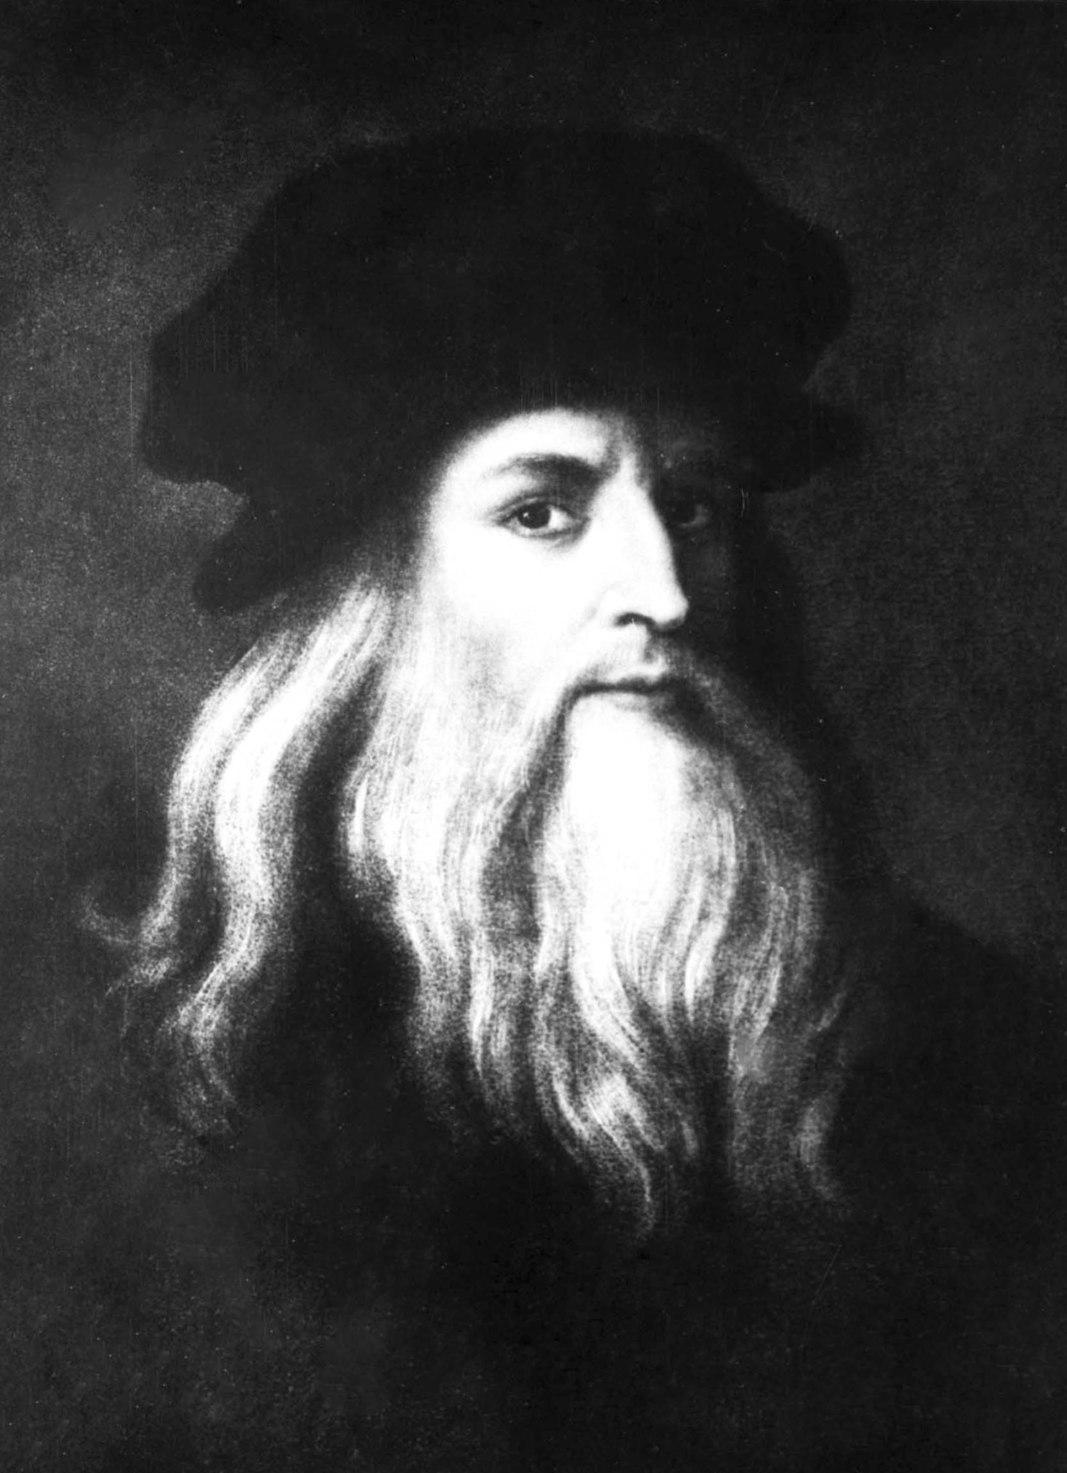 Leonardo da Vinci önarcképe a firenzei Uffizi képtárban (Fotó: MTI Fotó/IT)